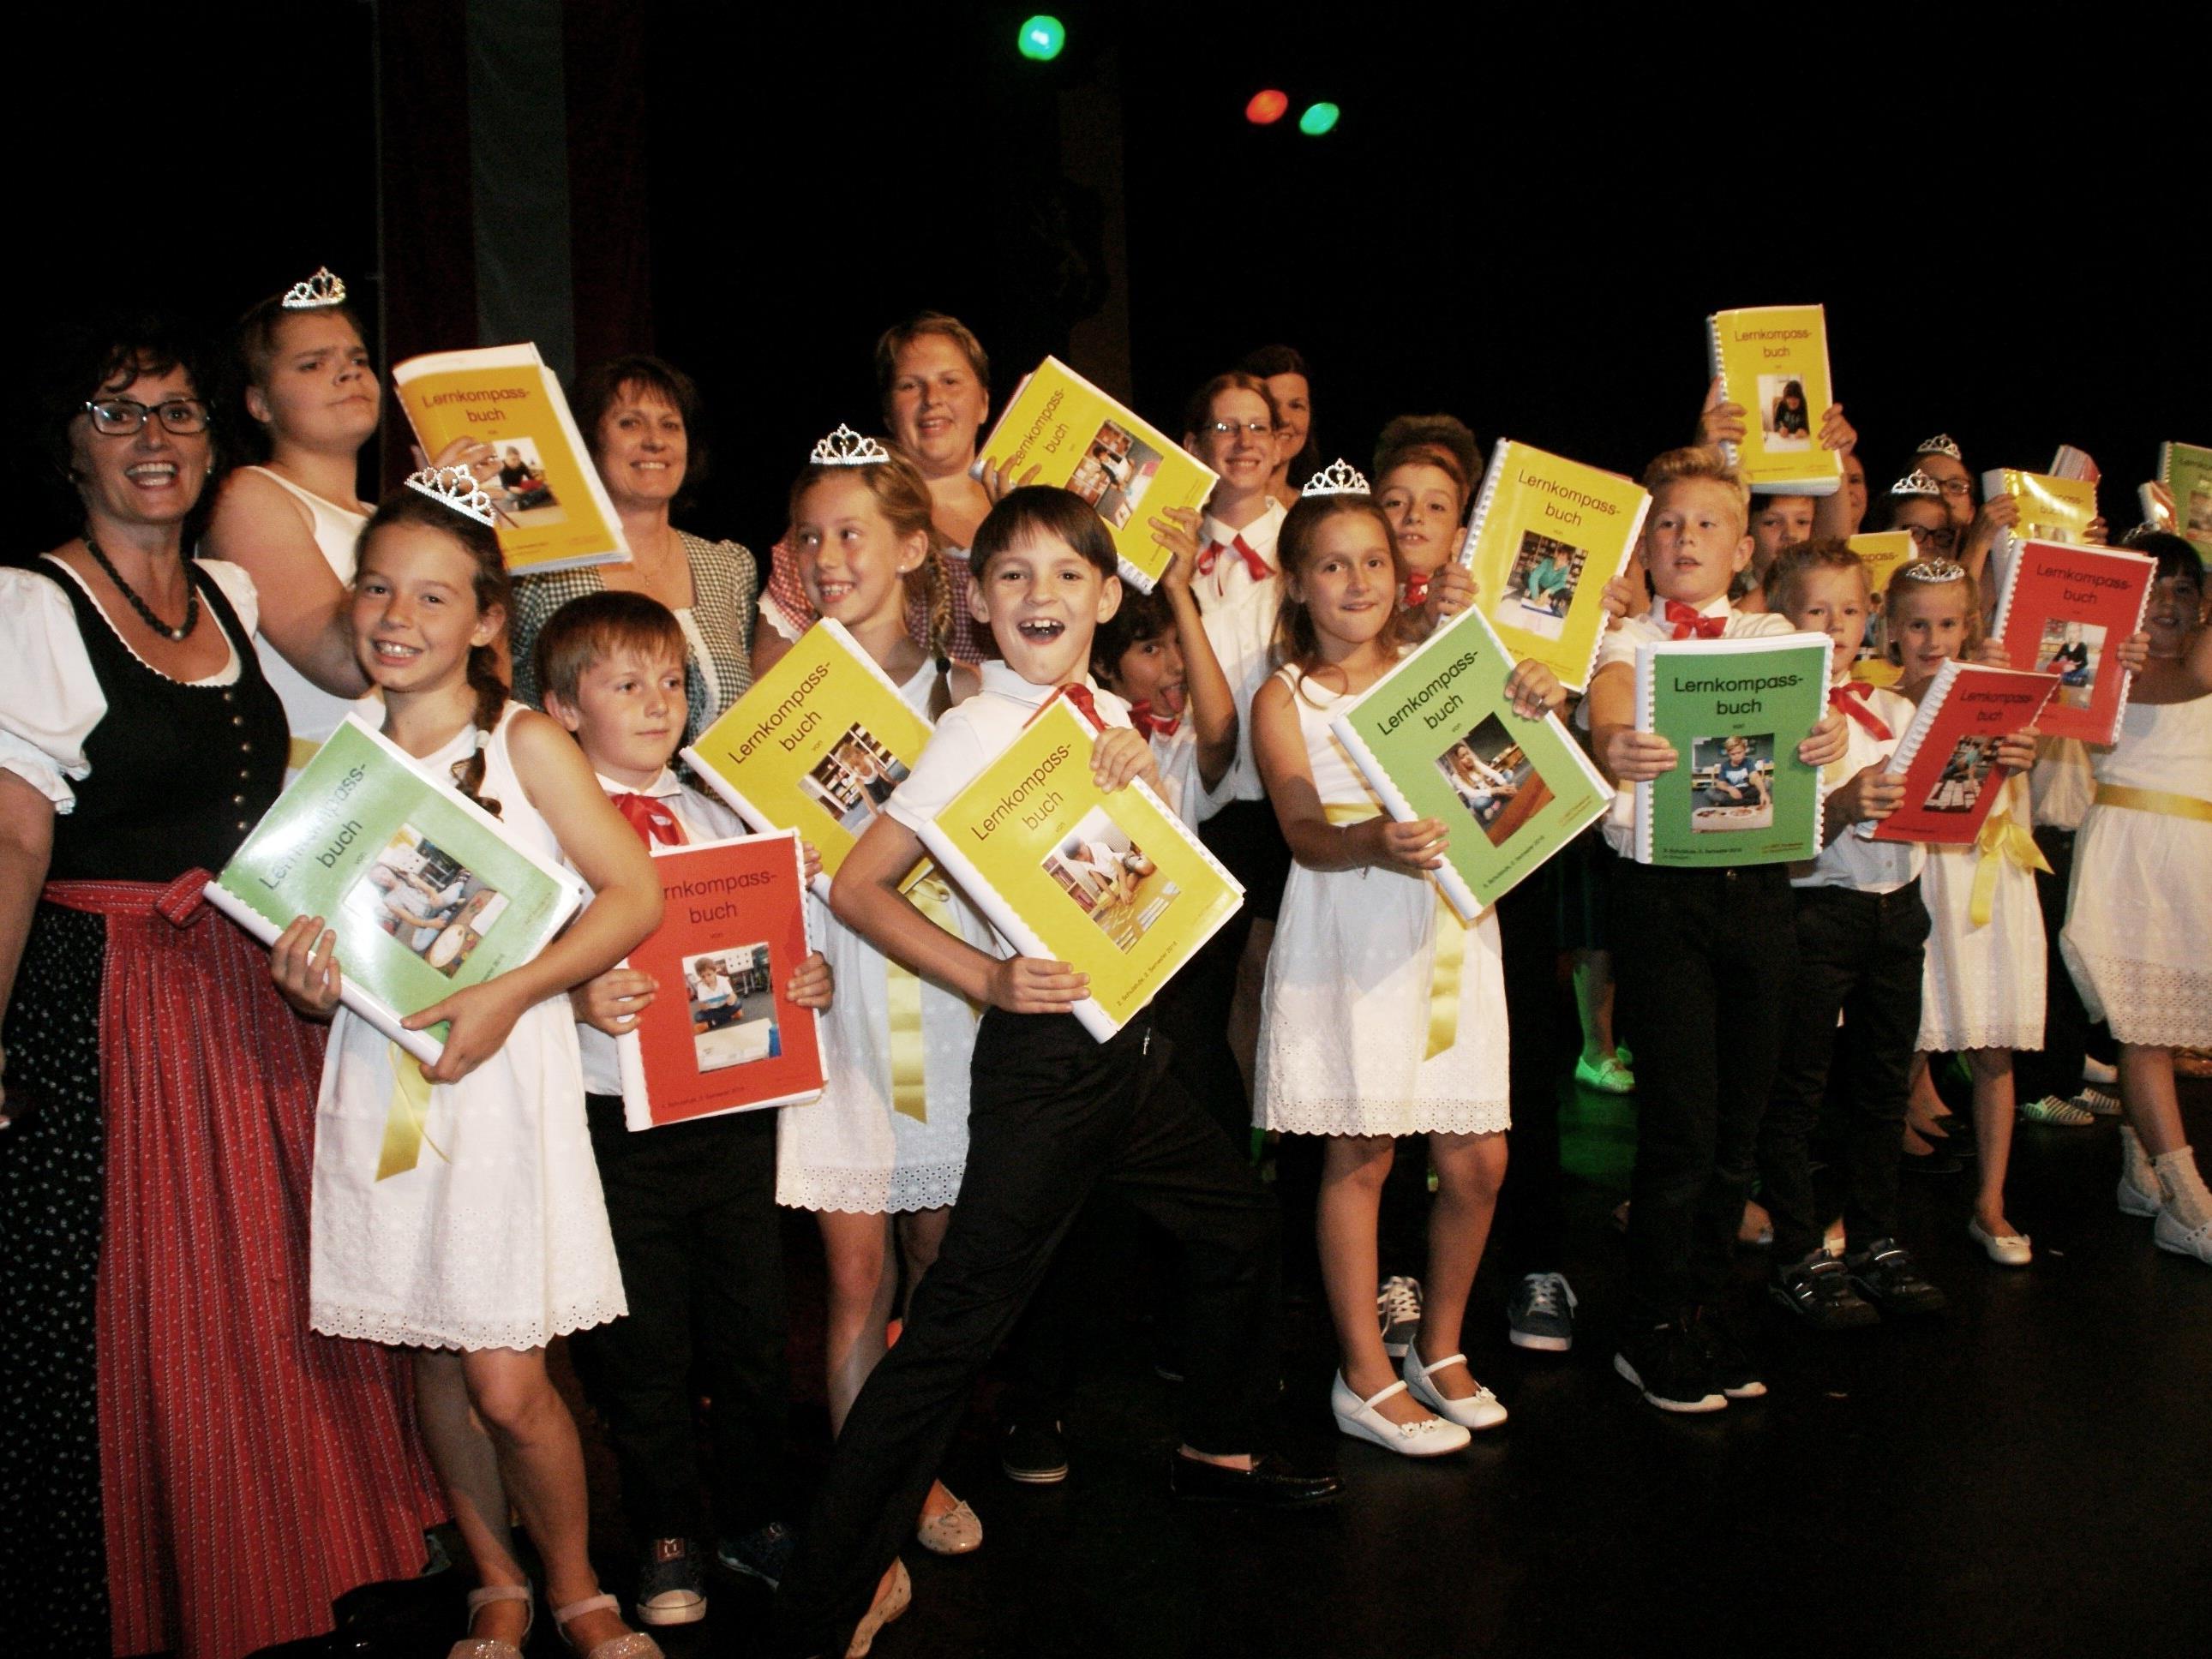 Ein fulminantes Showprogramm gab es im Löwensaal zum Schulabschluss